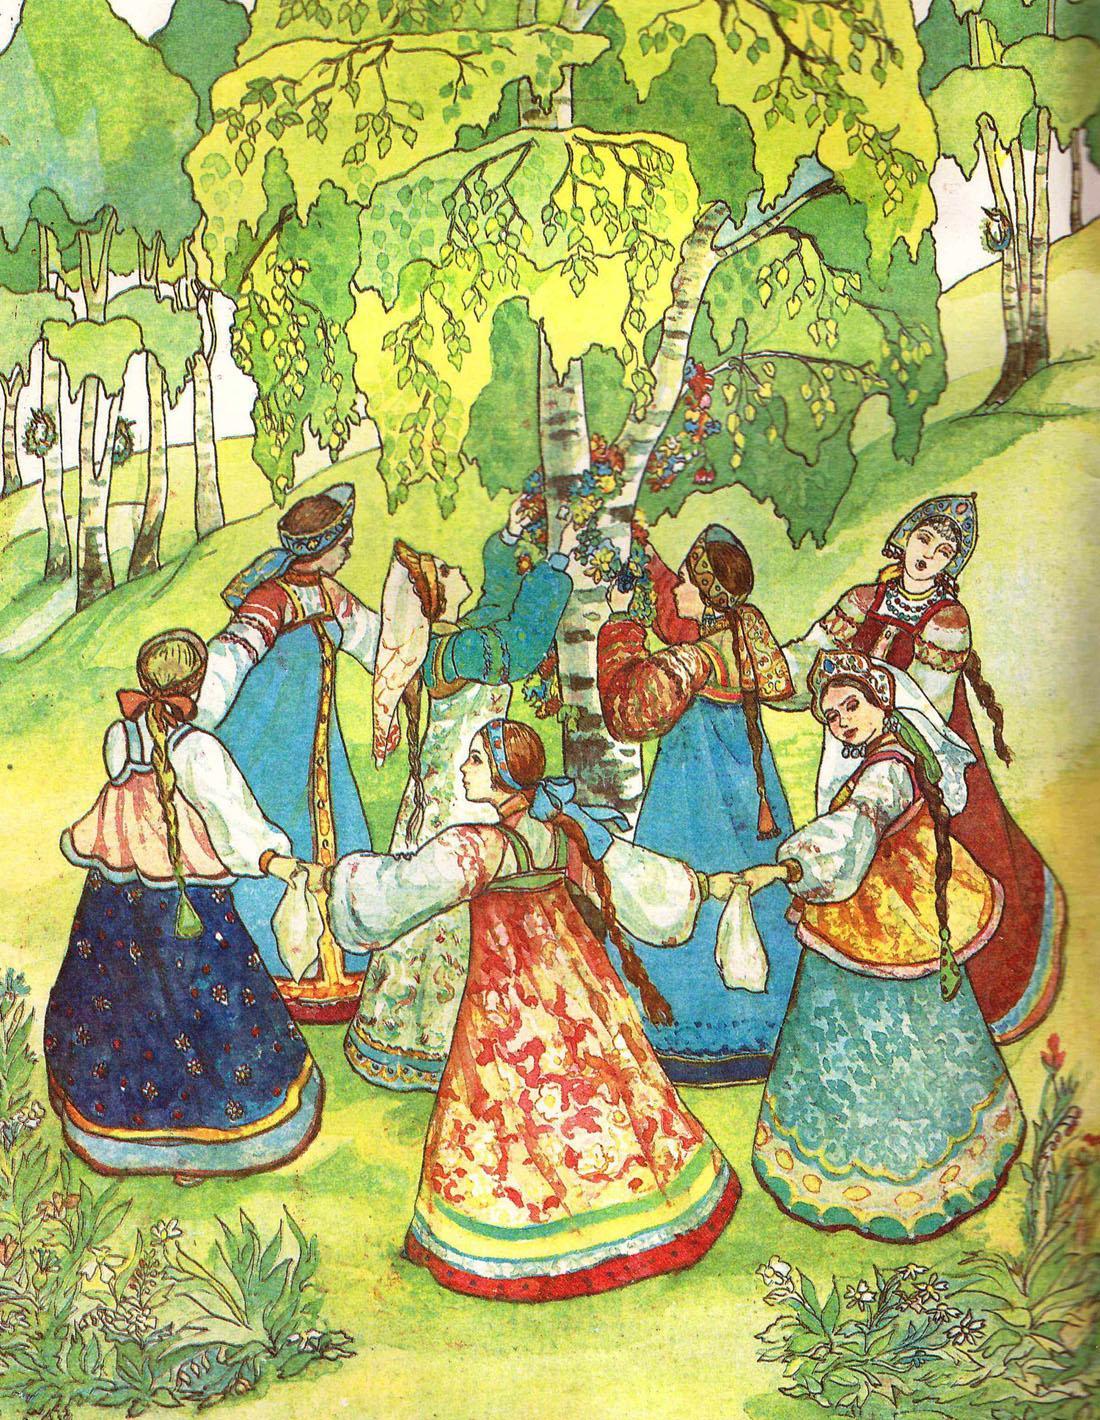 Сказка Аленький цветочек (Сергей Аксаков)